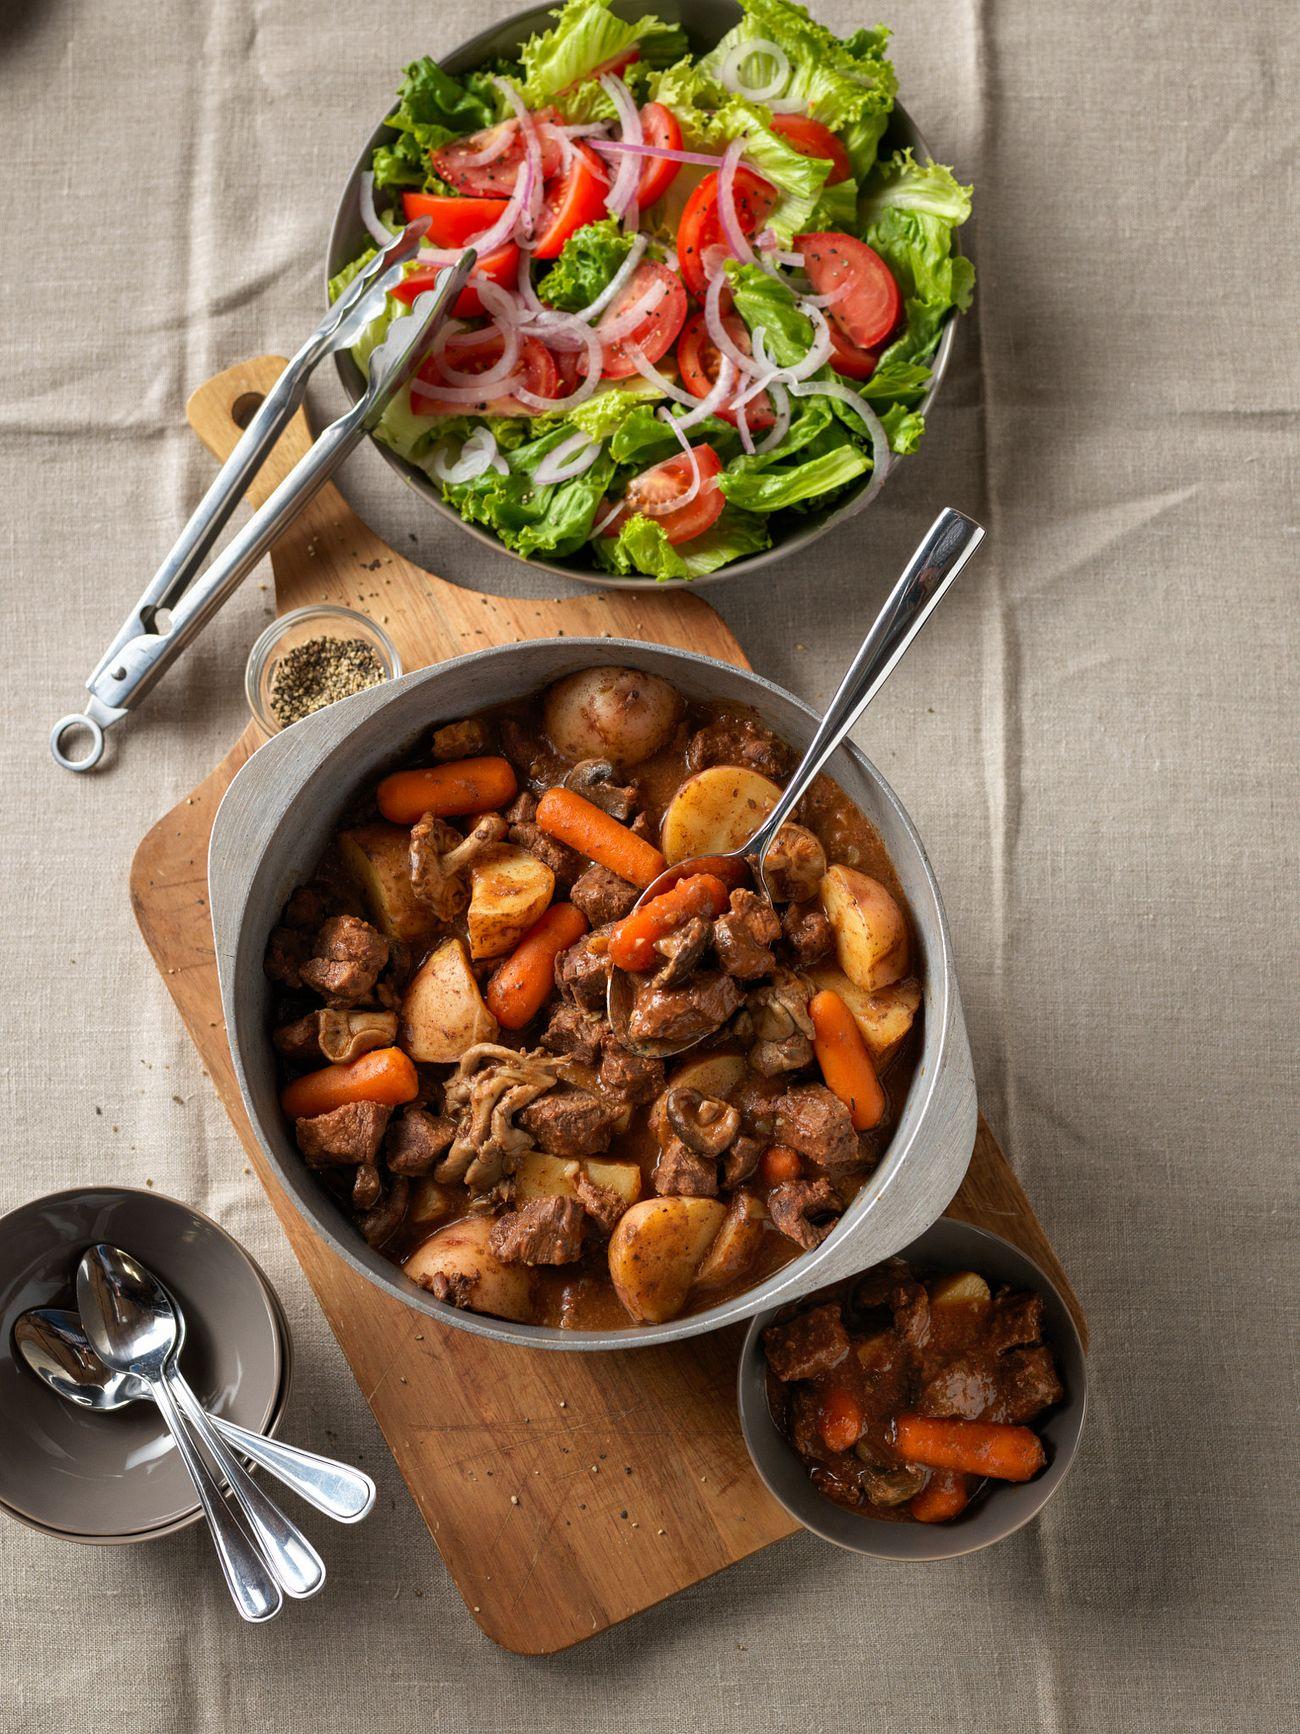 wild-mushroom-beef-stew-vertical-2018